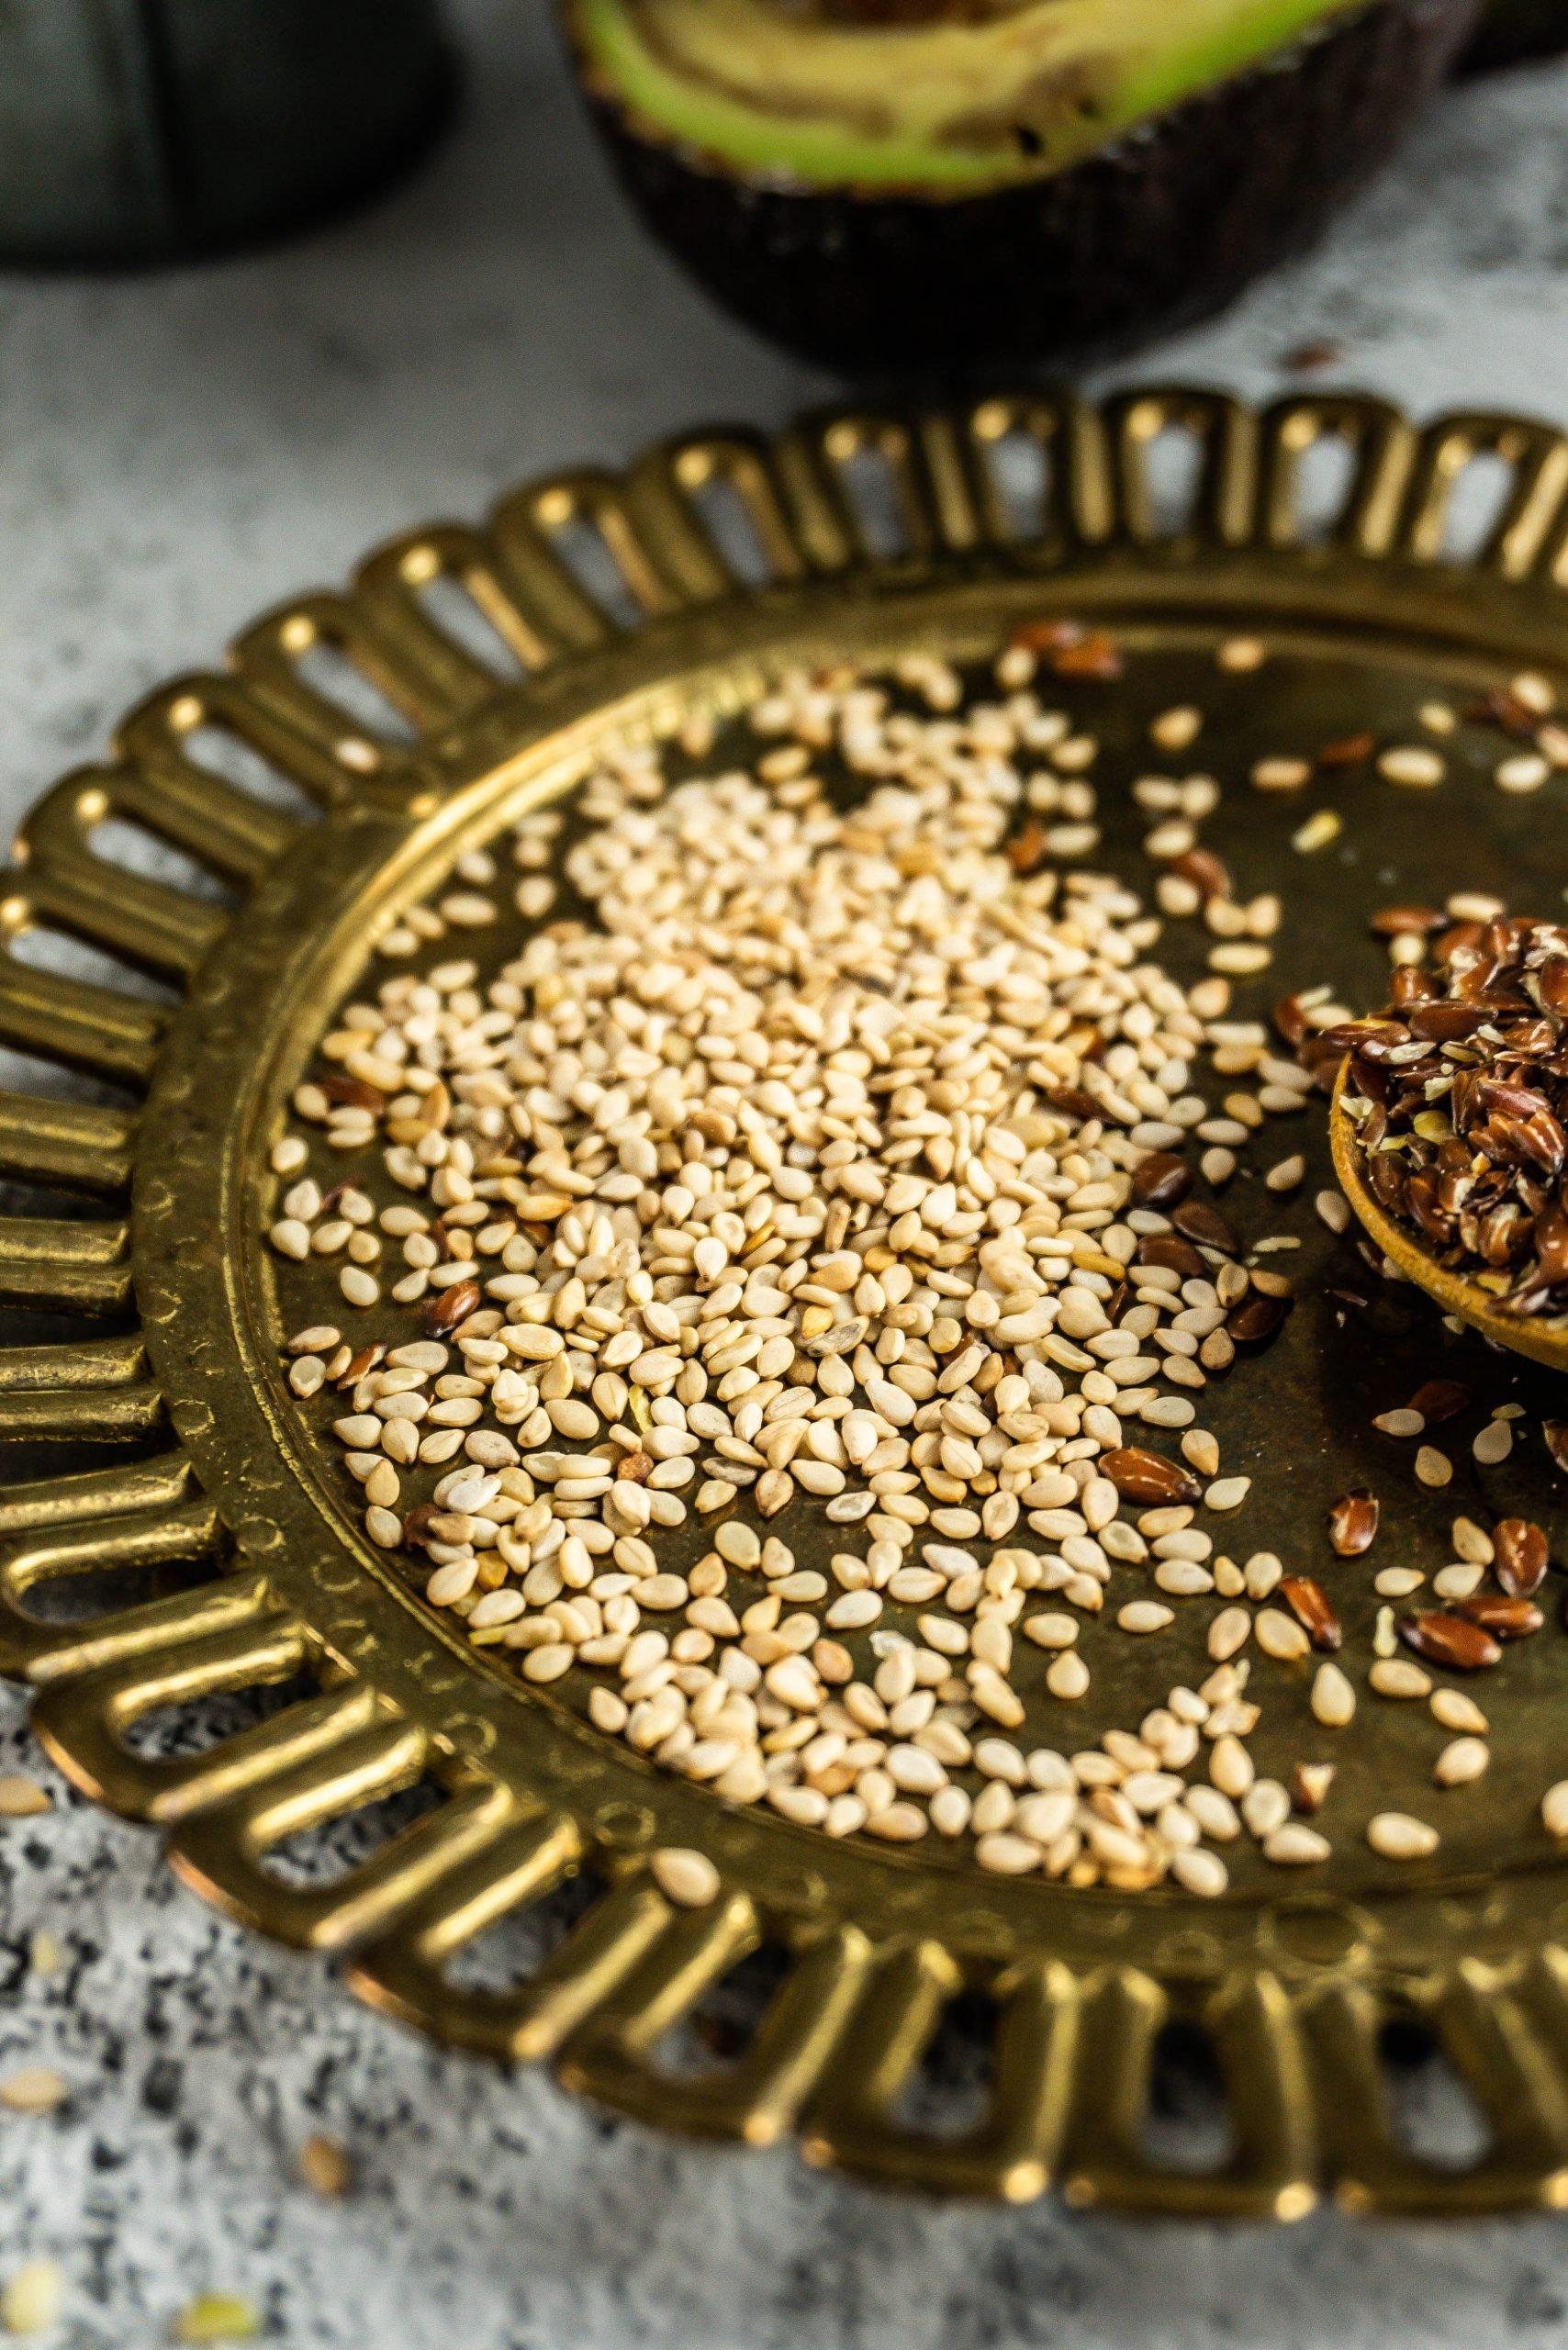 Sesame seeds on a golden plate